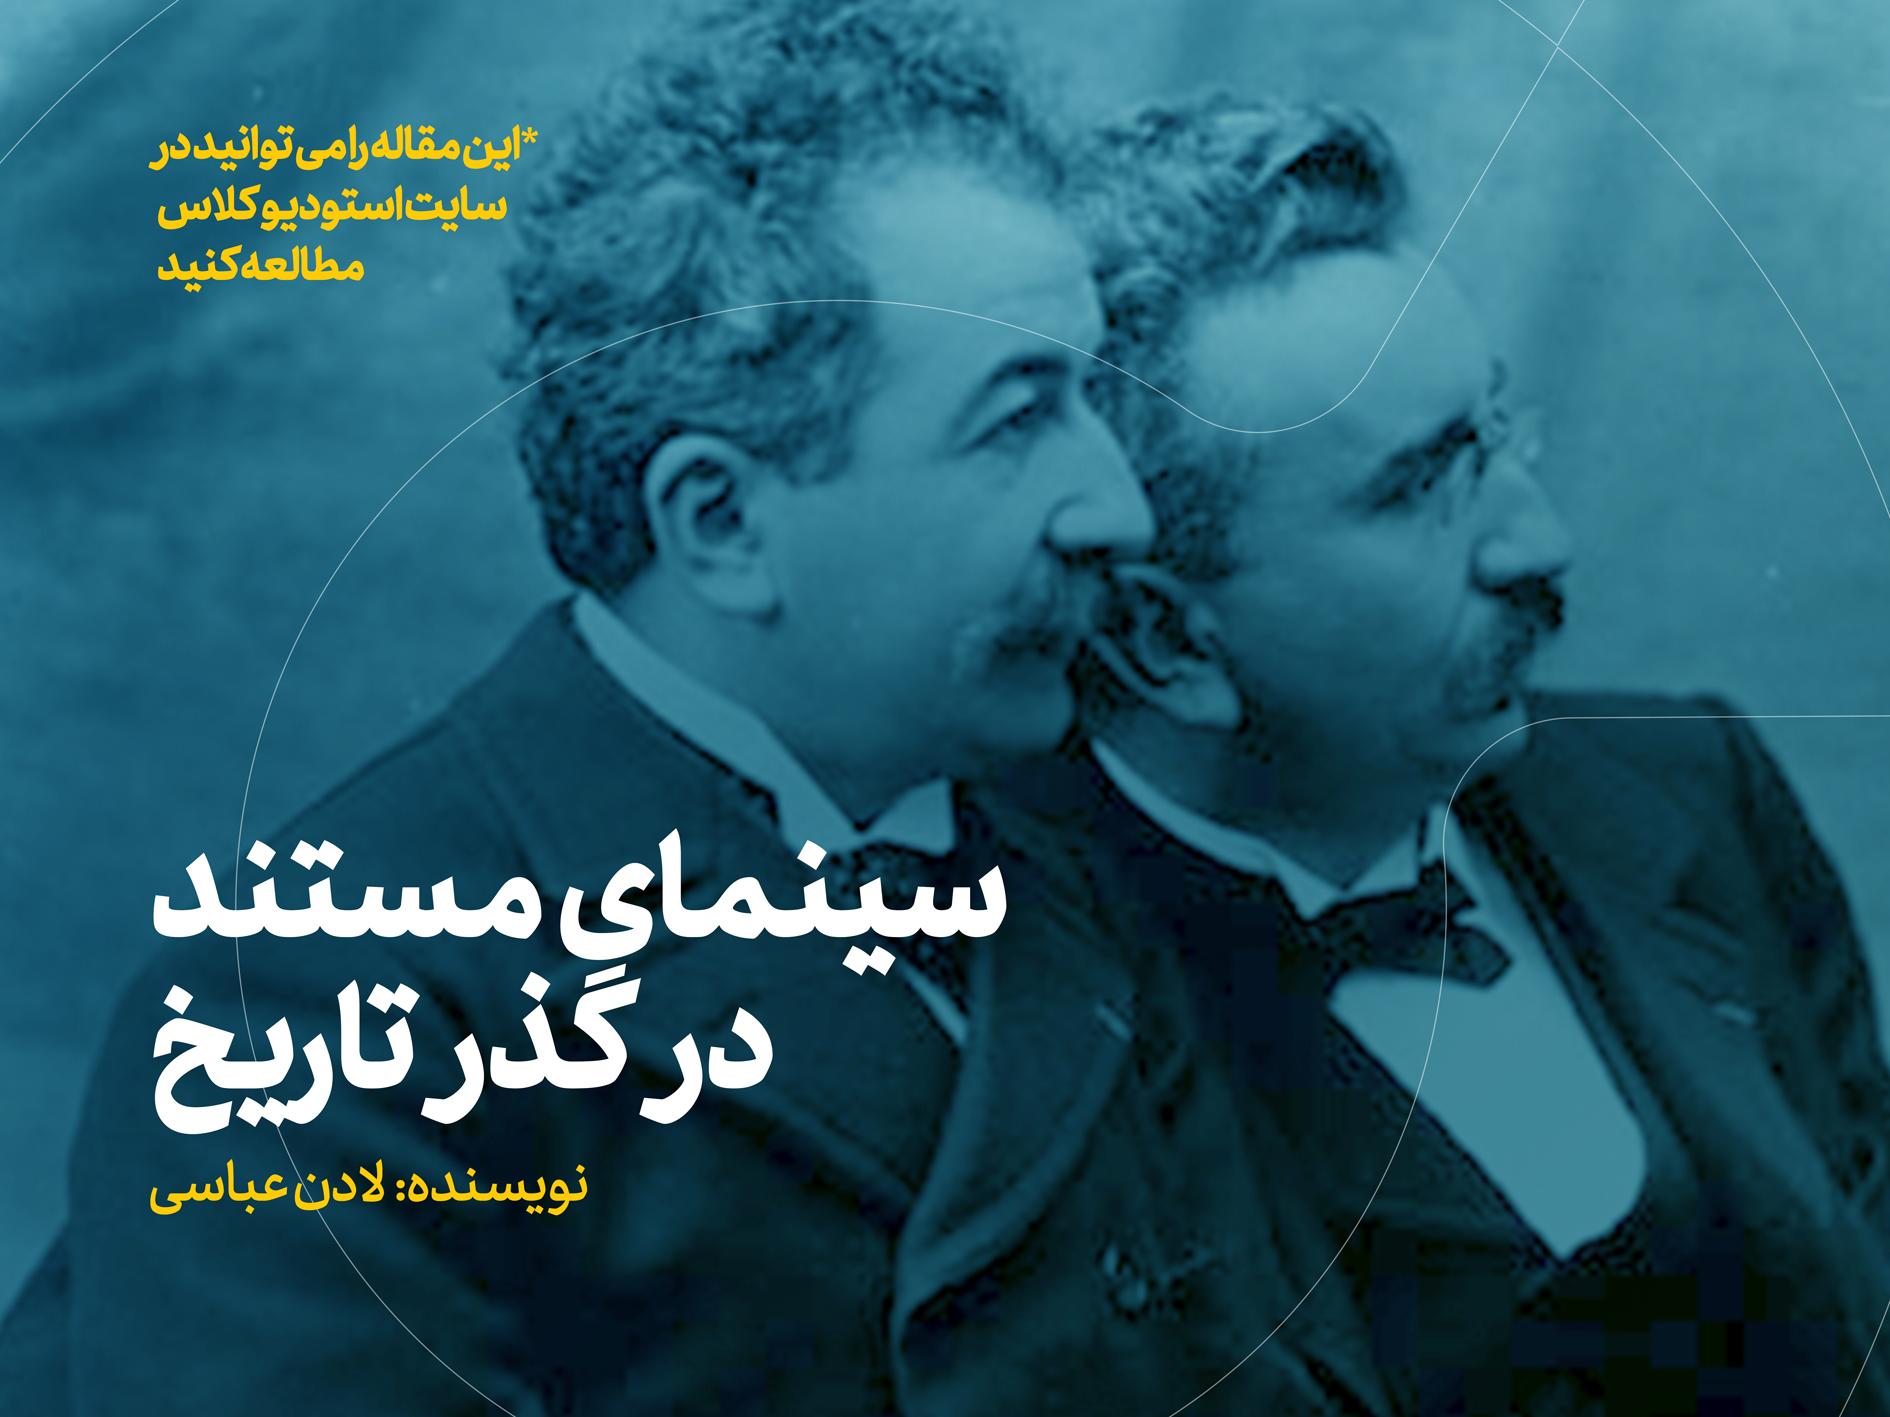 سینمای مستند در گذر تاریخ